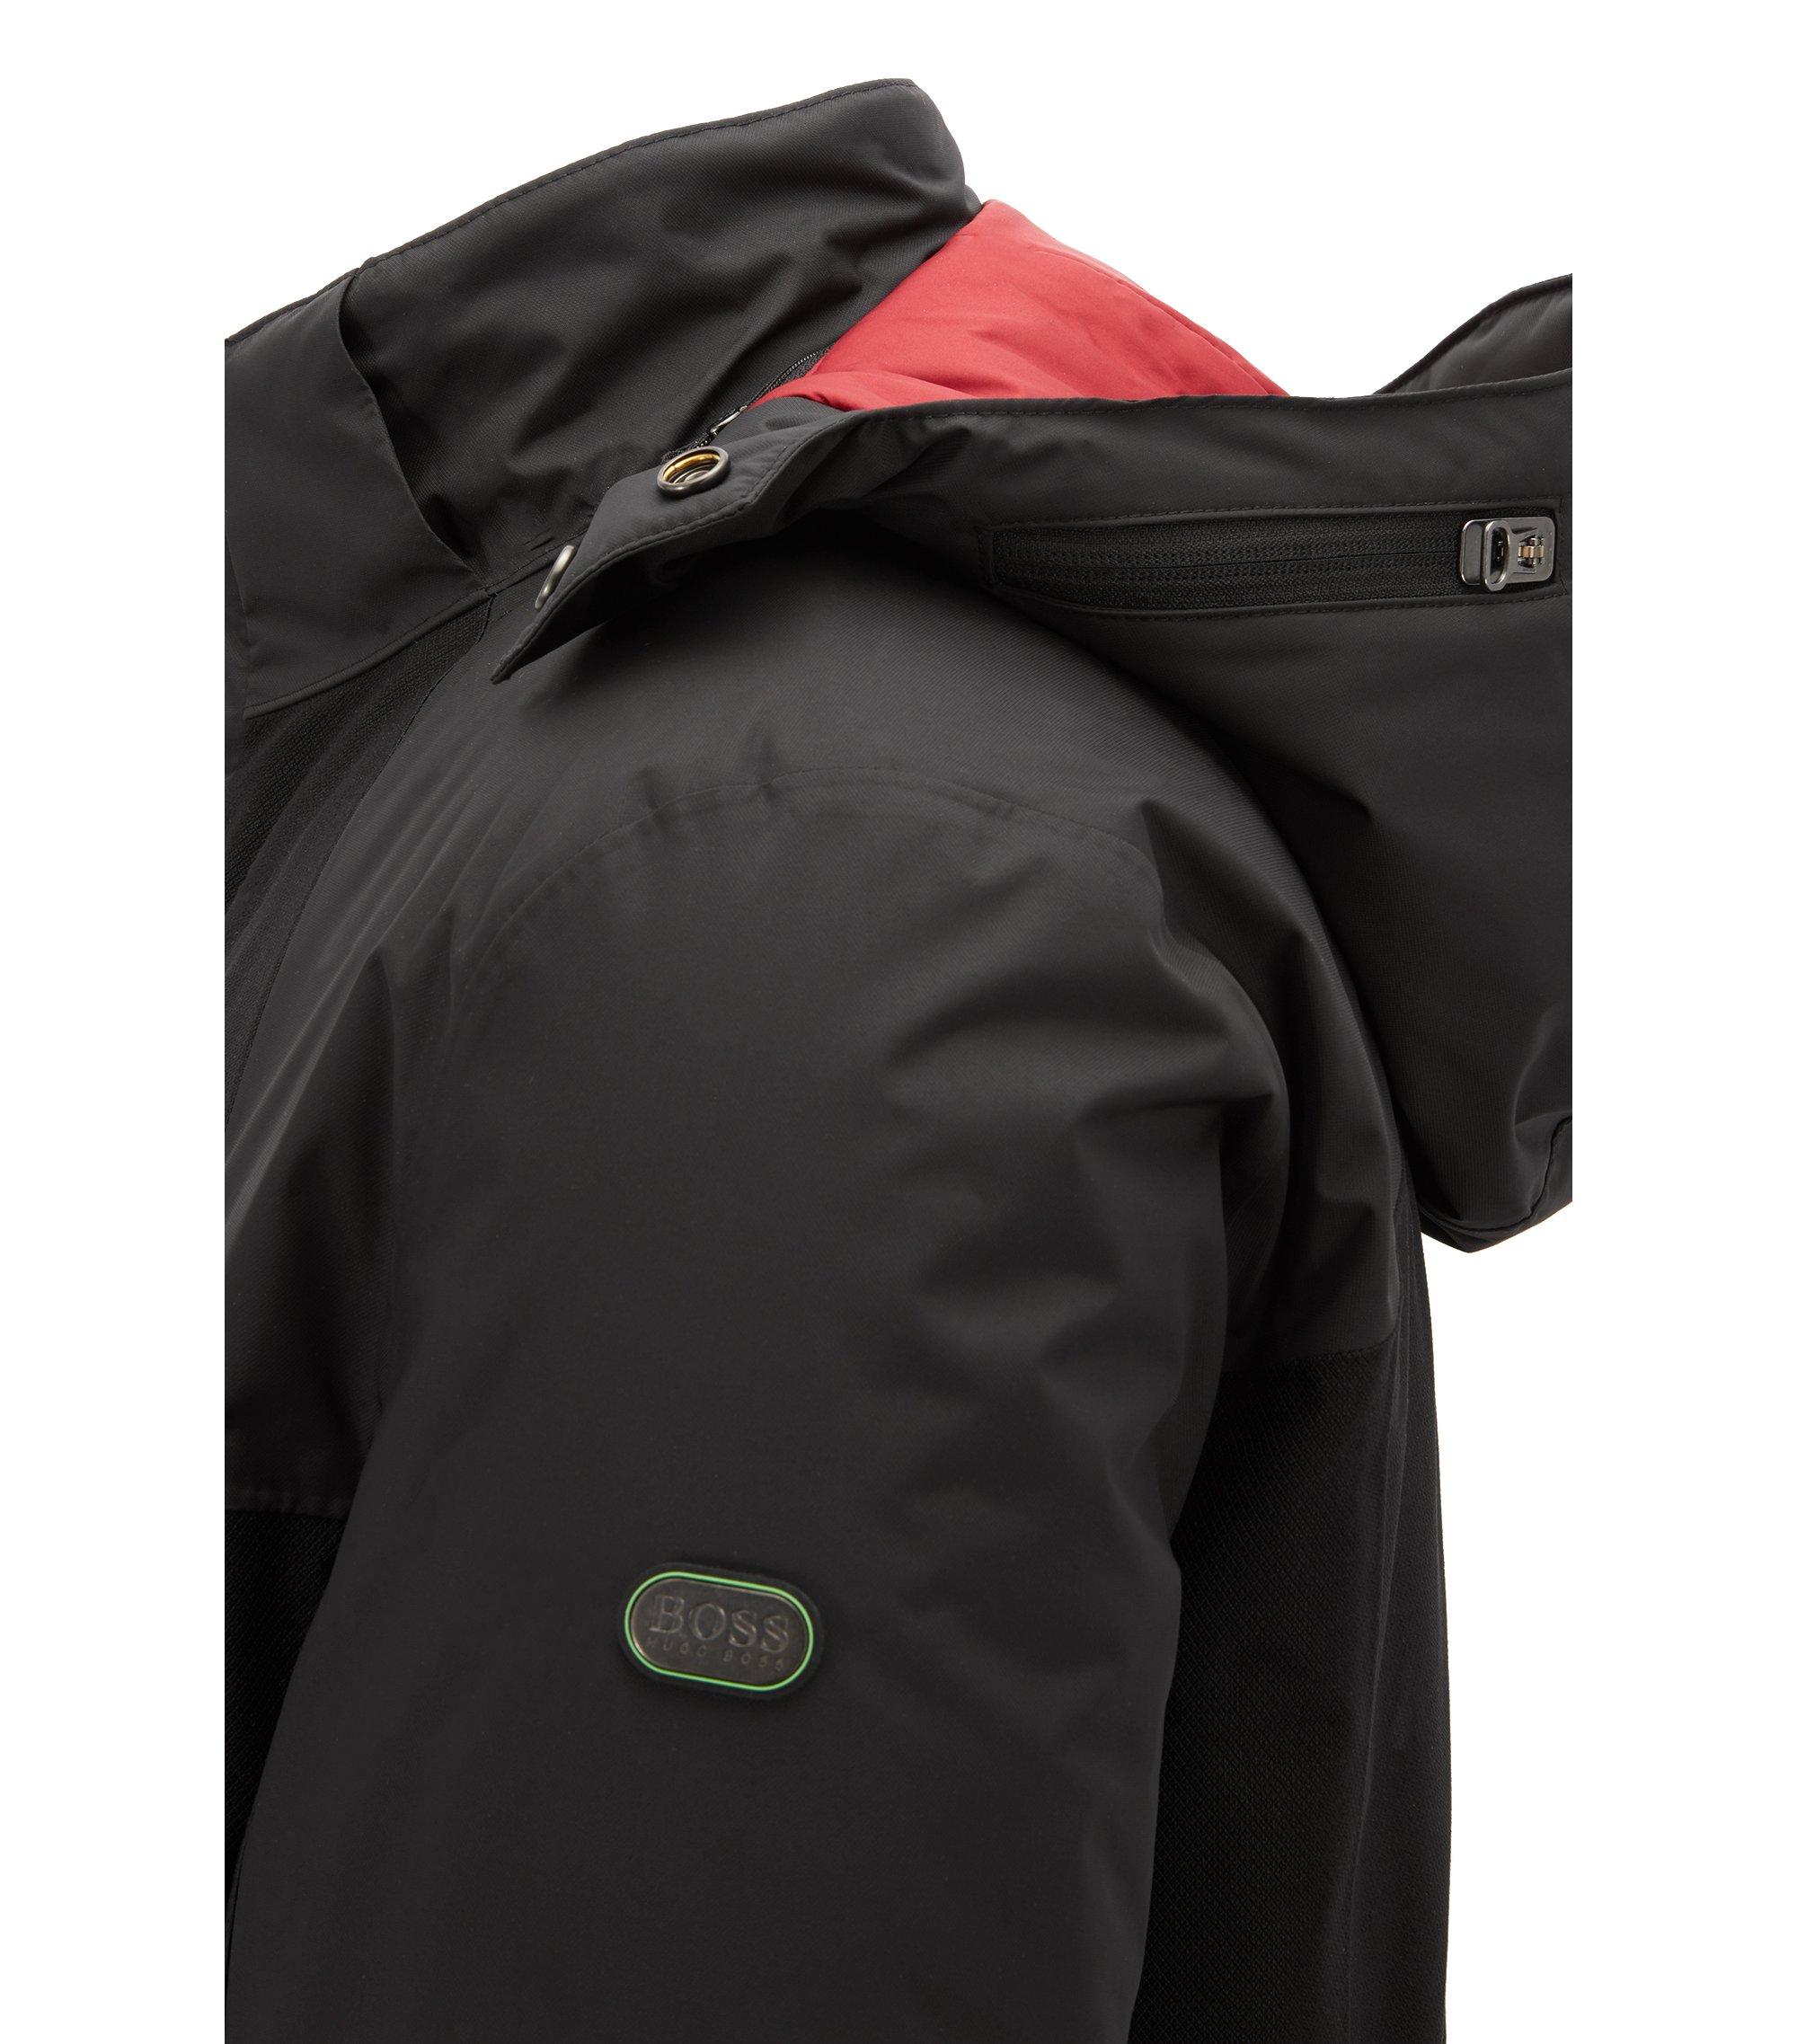 """本季,跟着 BOSS 百变夹克系列打开你的穿衣升温""""开关""""。得益于党独一无二的创新科技,这件夹克不仅具有传统的防水功能,还有精准保温功能。我们为夹克增设了一个综合加热镶条,可以按你所需精准保暖。这个冬天,因为革新技术,我们无惧严寒"""